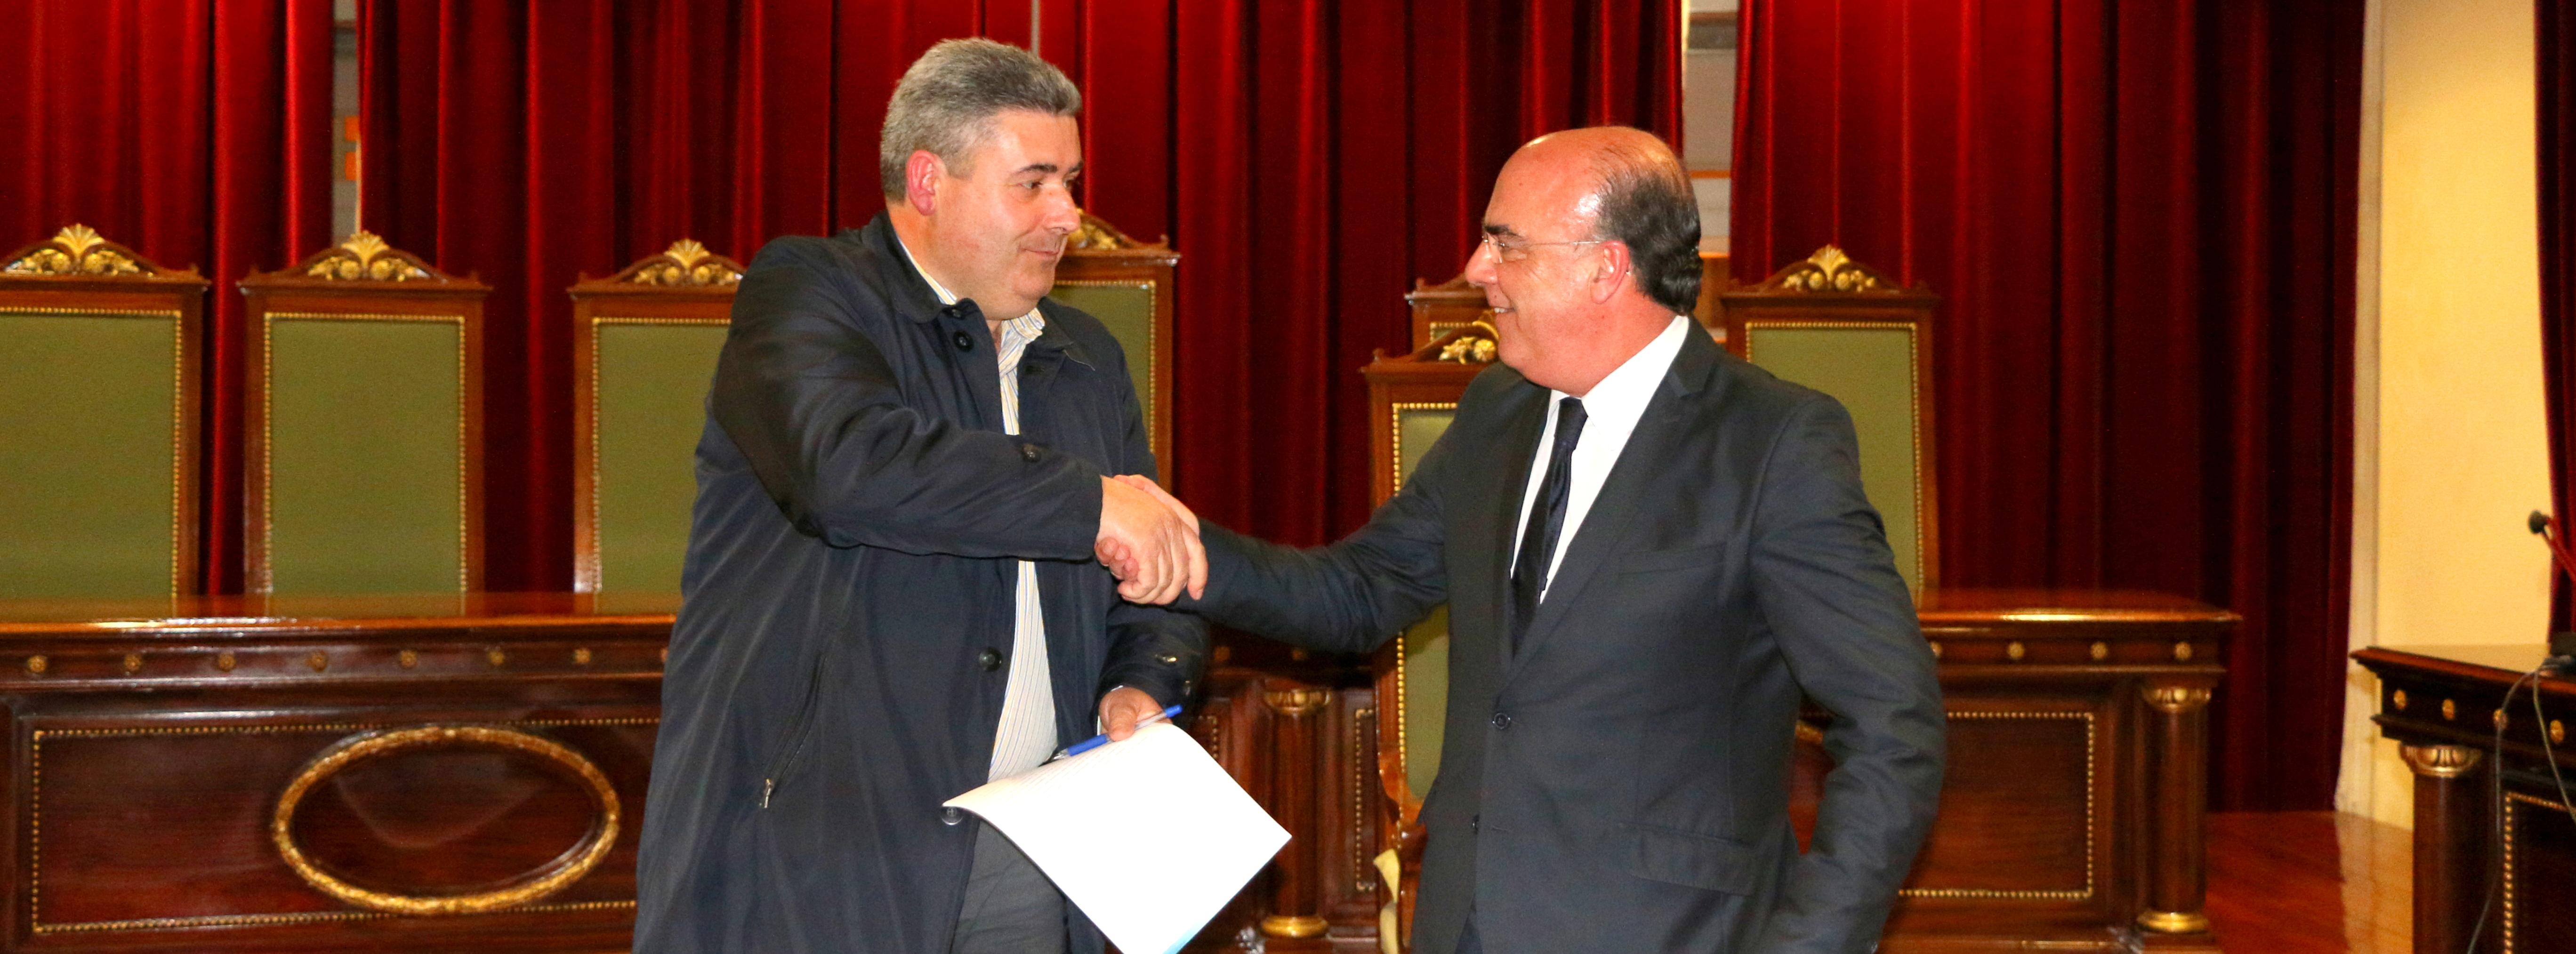 Câmara Municipal e Juntas de Freguesia assinaram protocolo dos 200%